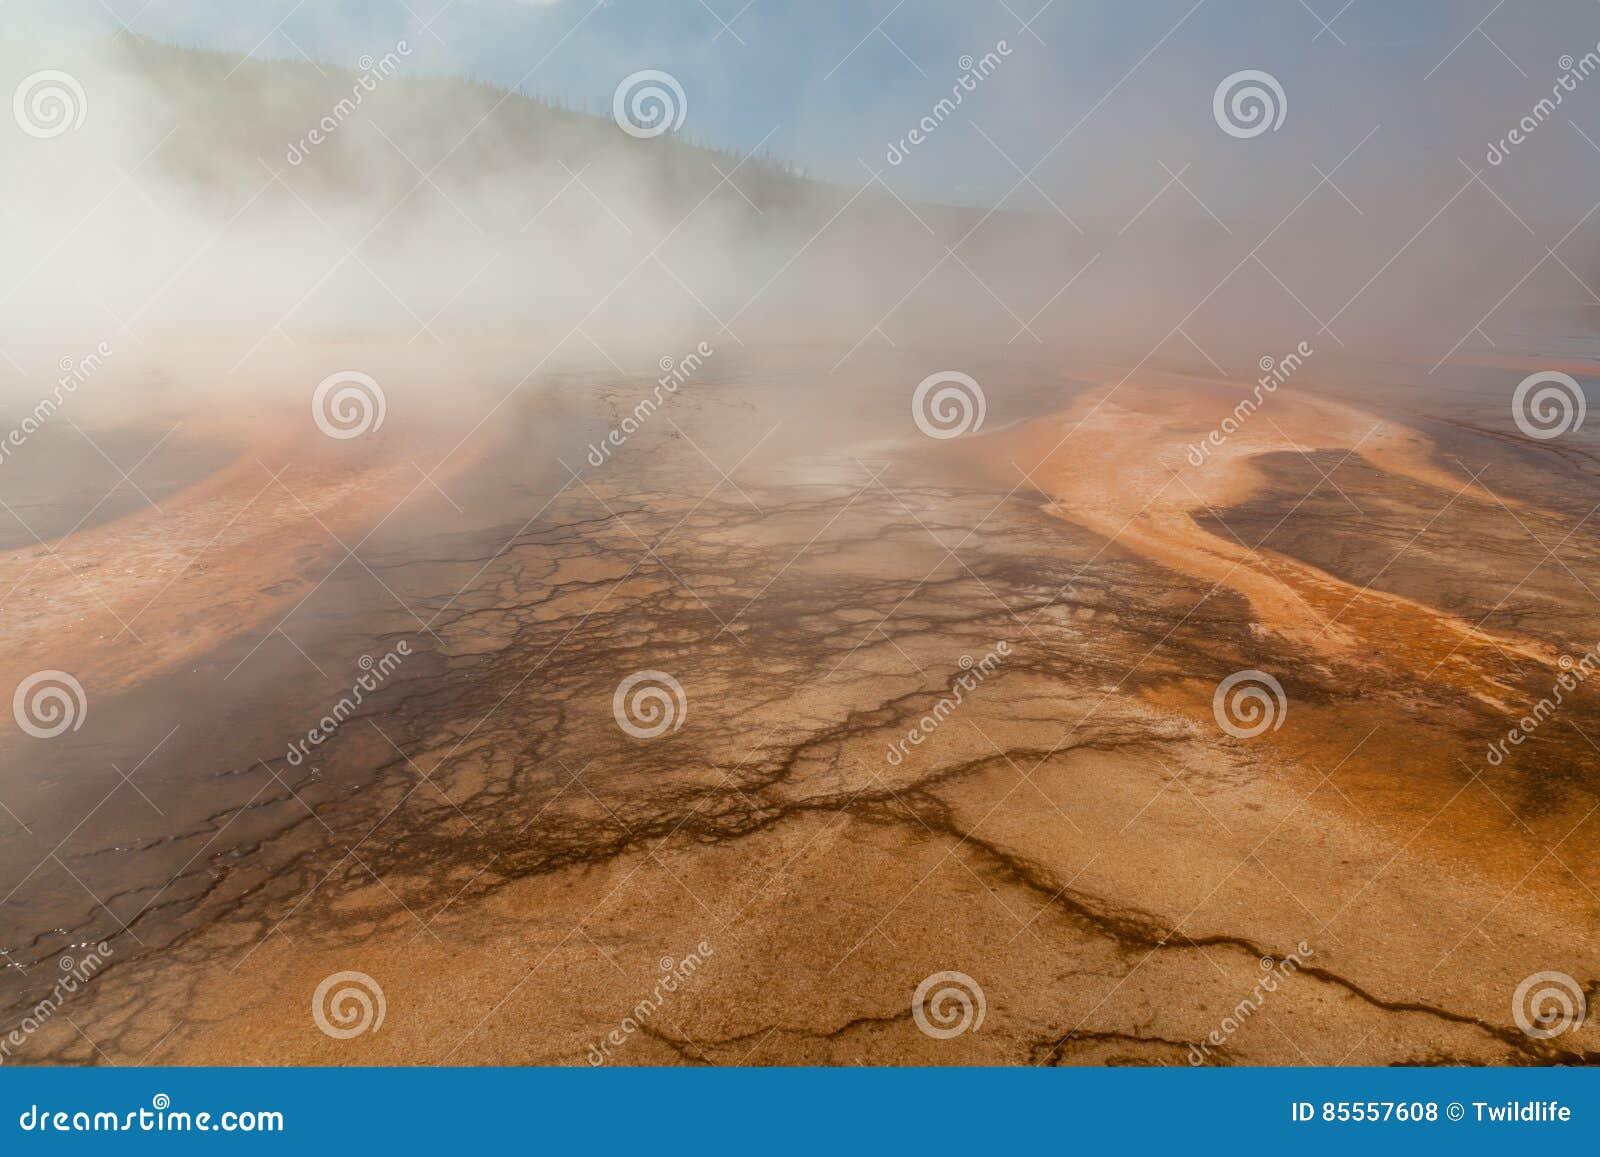 Geothermische heiße Quellen